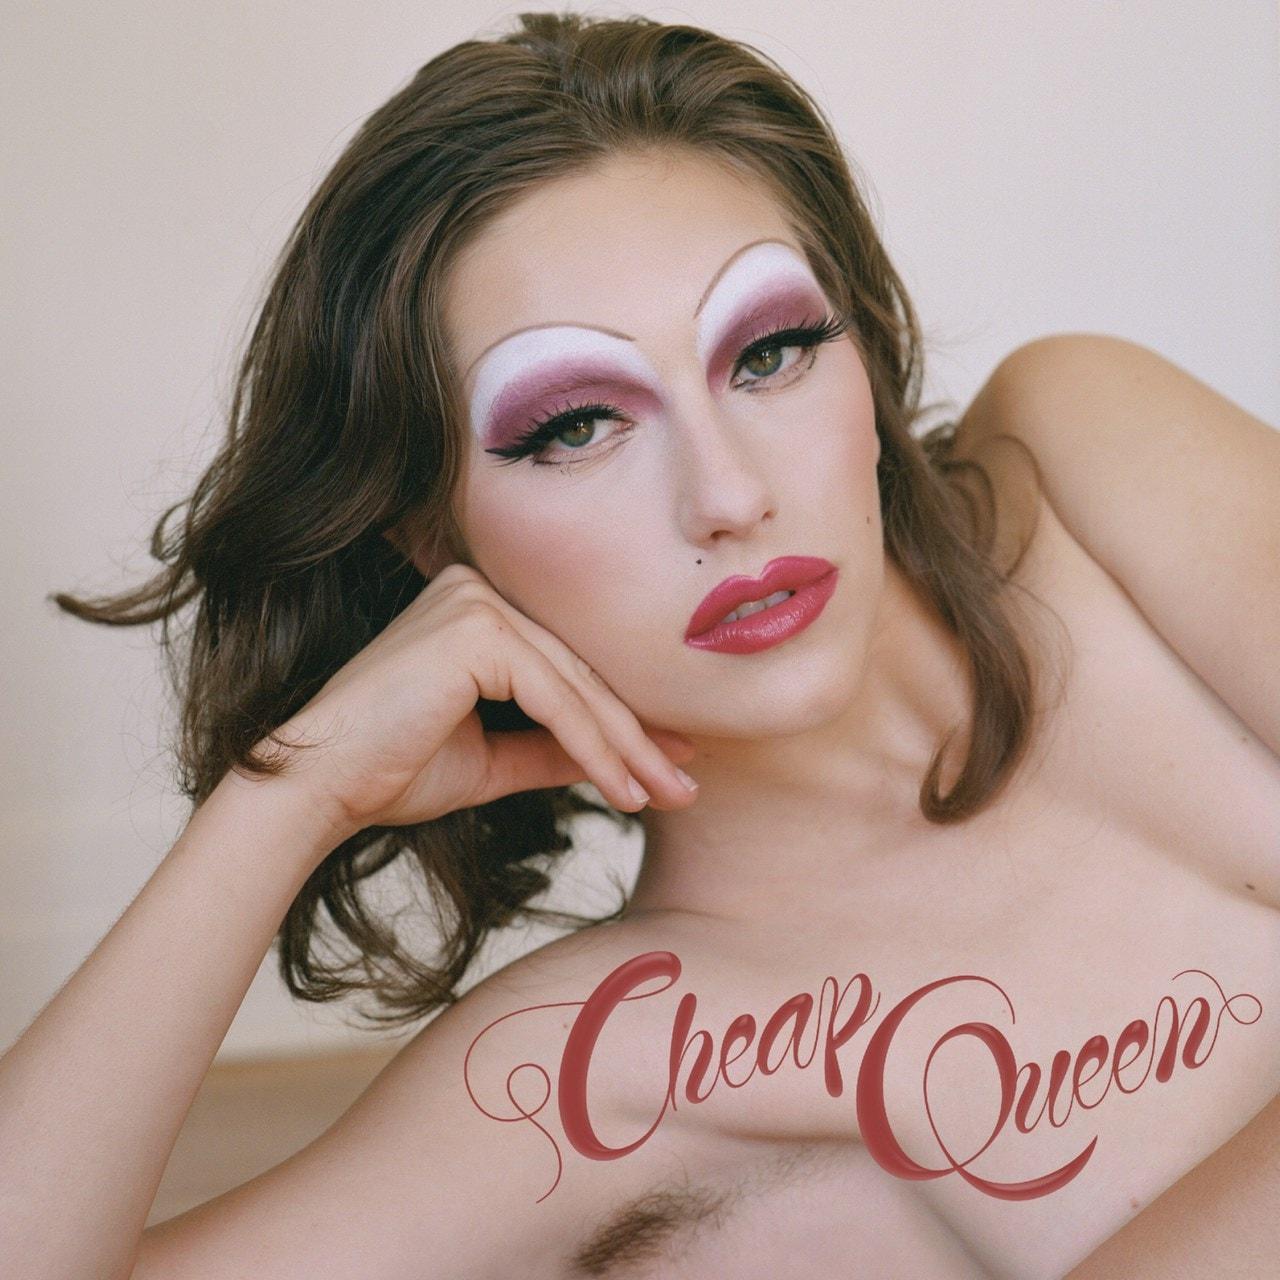 Cheap Queen - 1